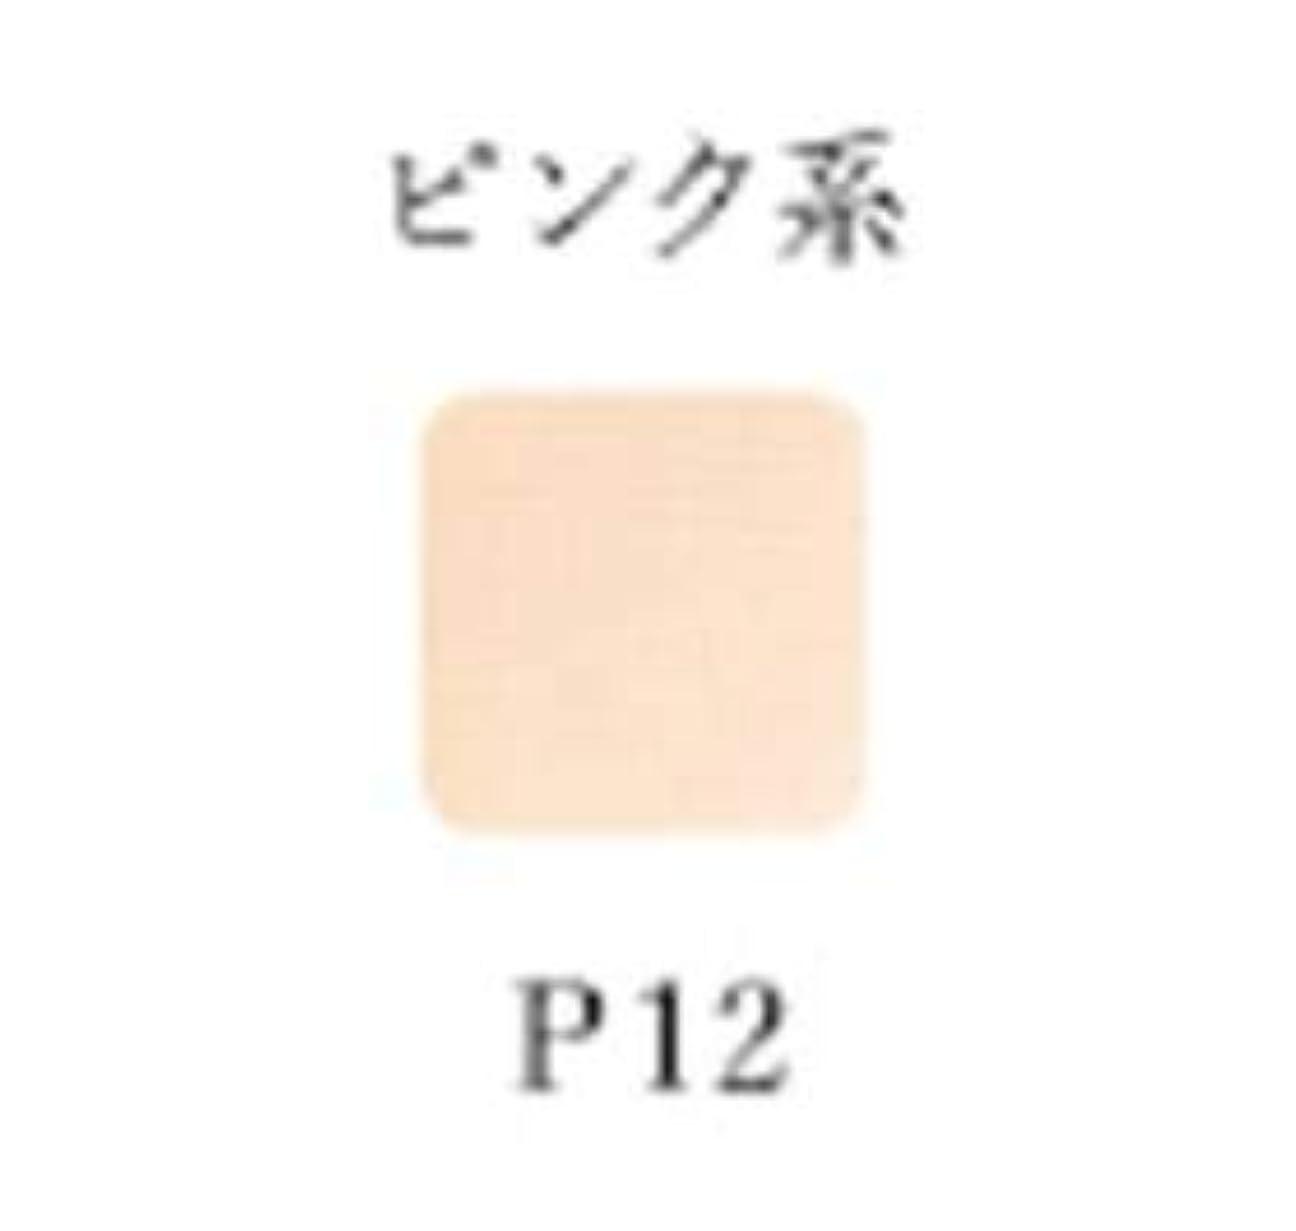 オリリー パウダリーフィニッシュUV (2ウェイ) リフィル P12<14g>